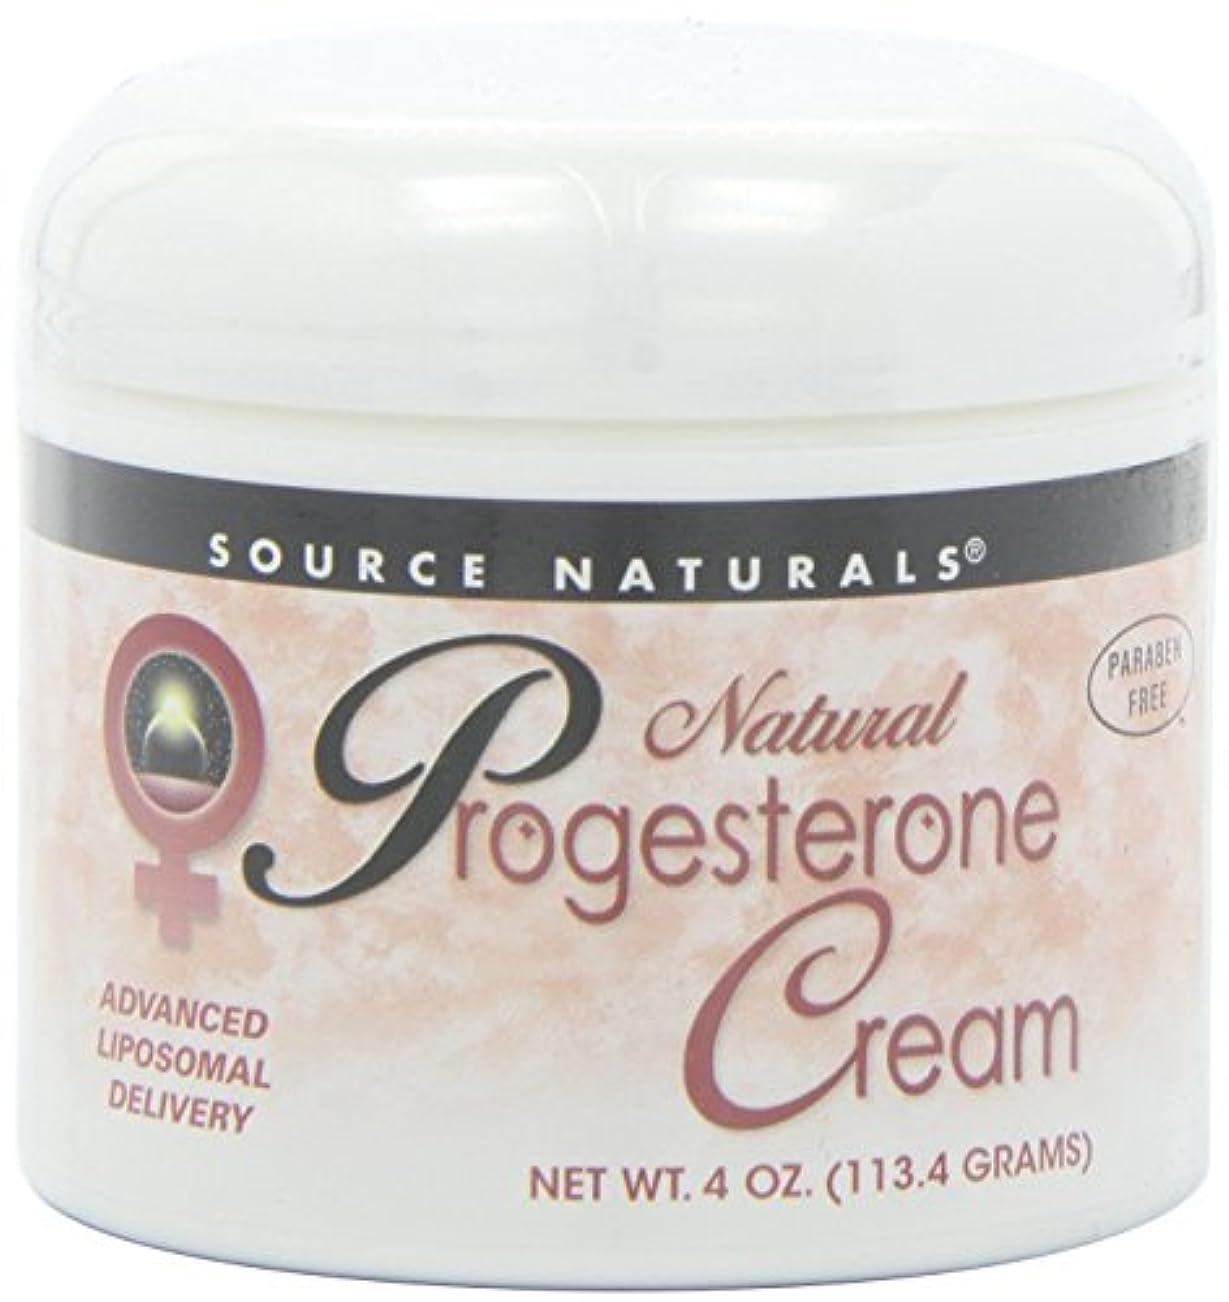 親指アデレード気付くSource Naturals Natural Progesterone Cream, 4 Ounce (113.4 g) クリーム 並行輸入品 [並行輸入品]